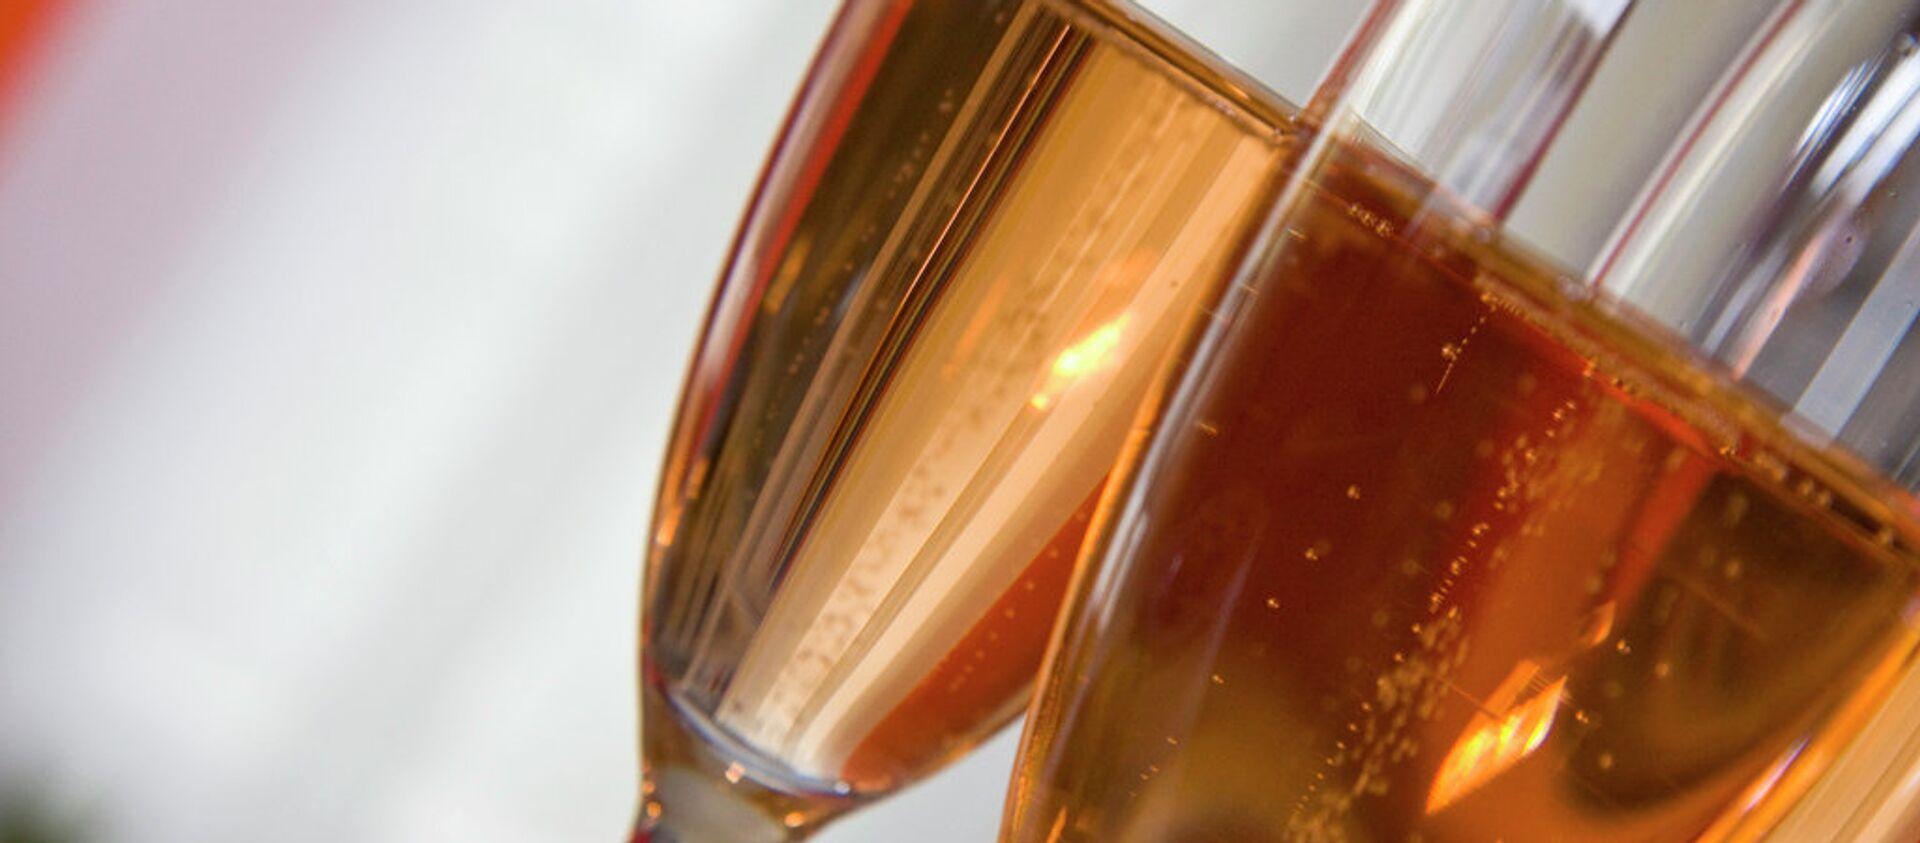 Шампанское - Sputnik Italia, 1920, 13.02.2021